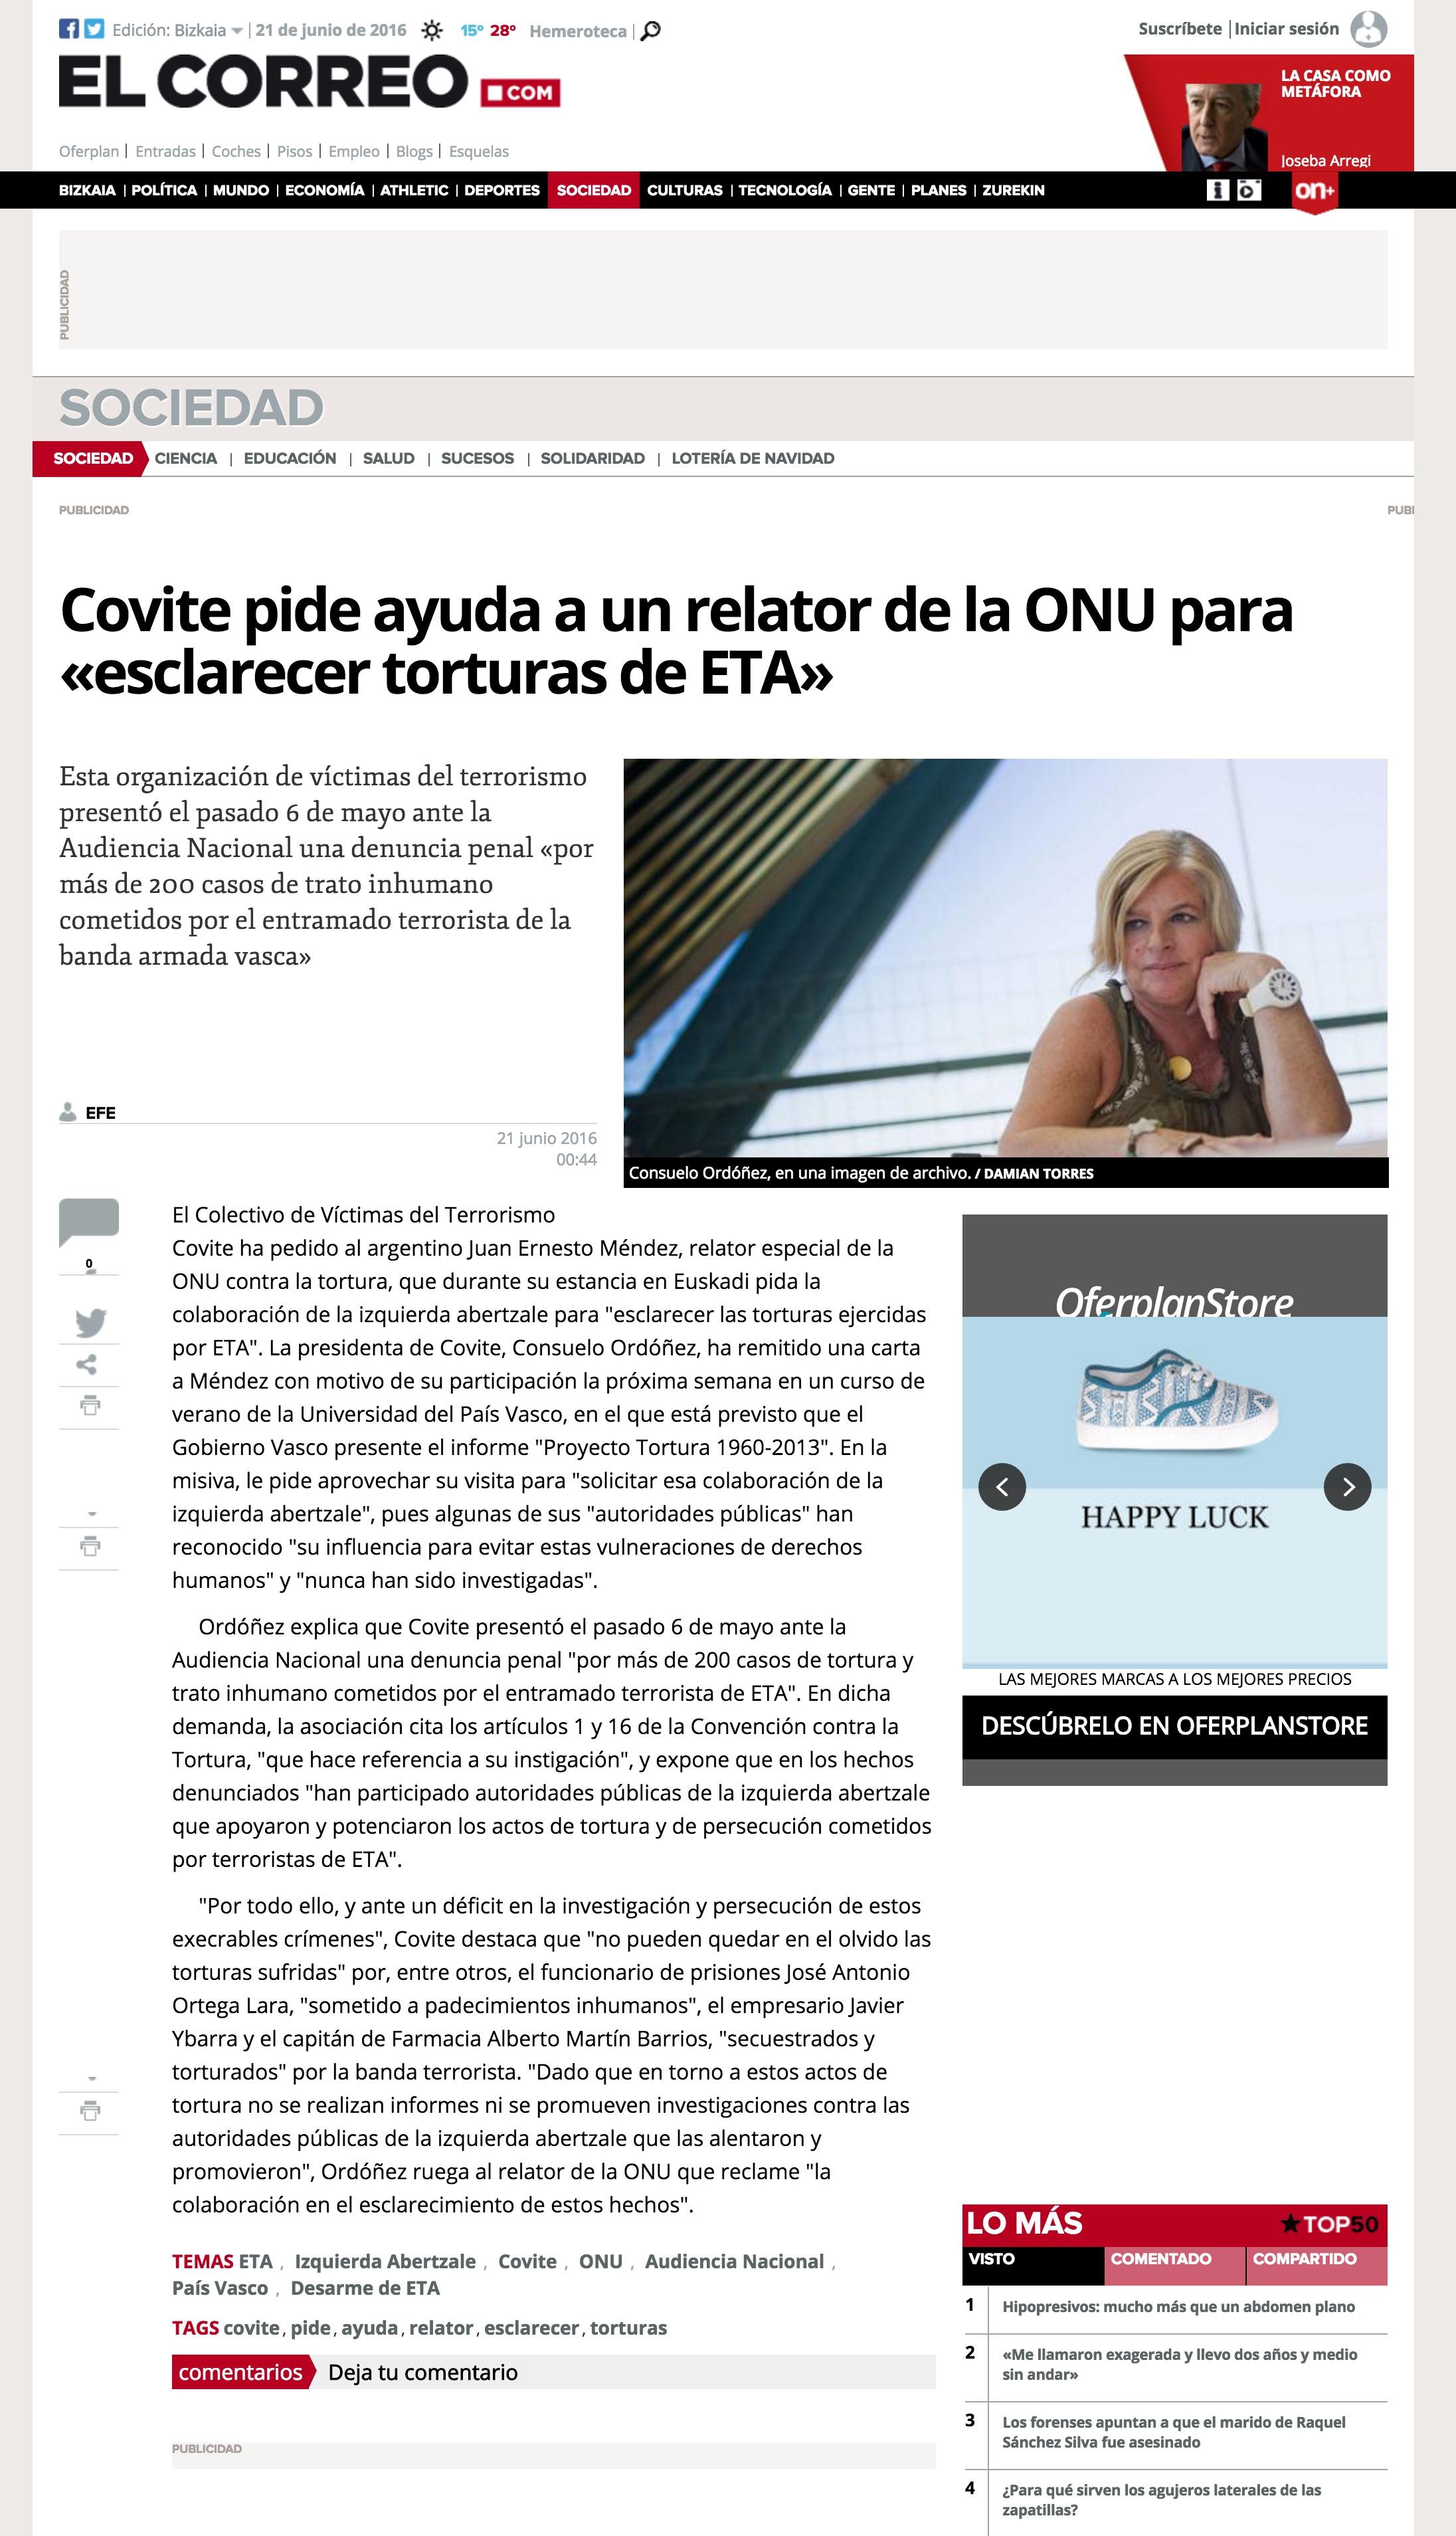 el_correo_relator